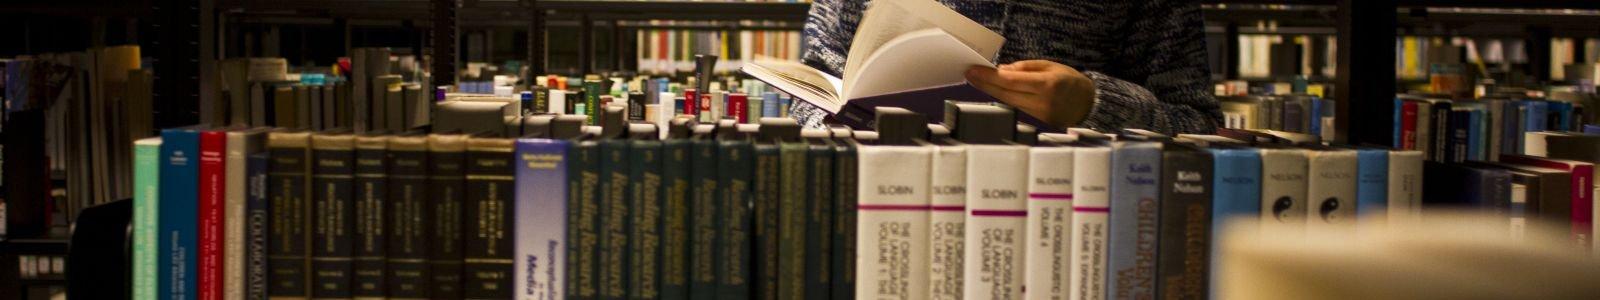 UB Uithof bladerende student met doorkijkje boekenplanken